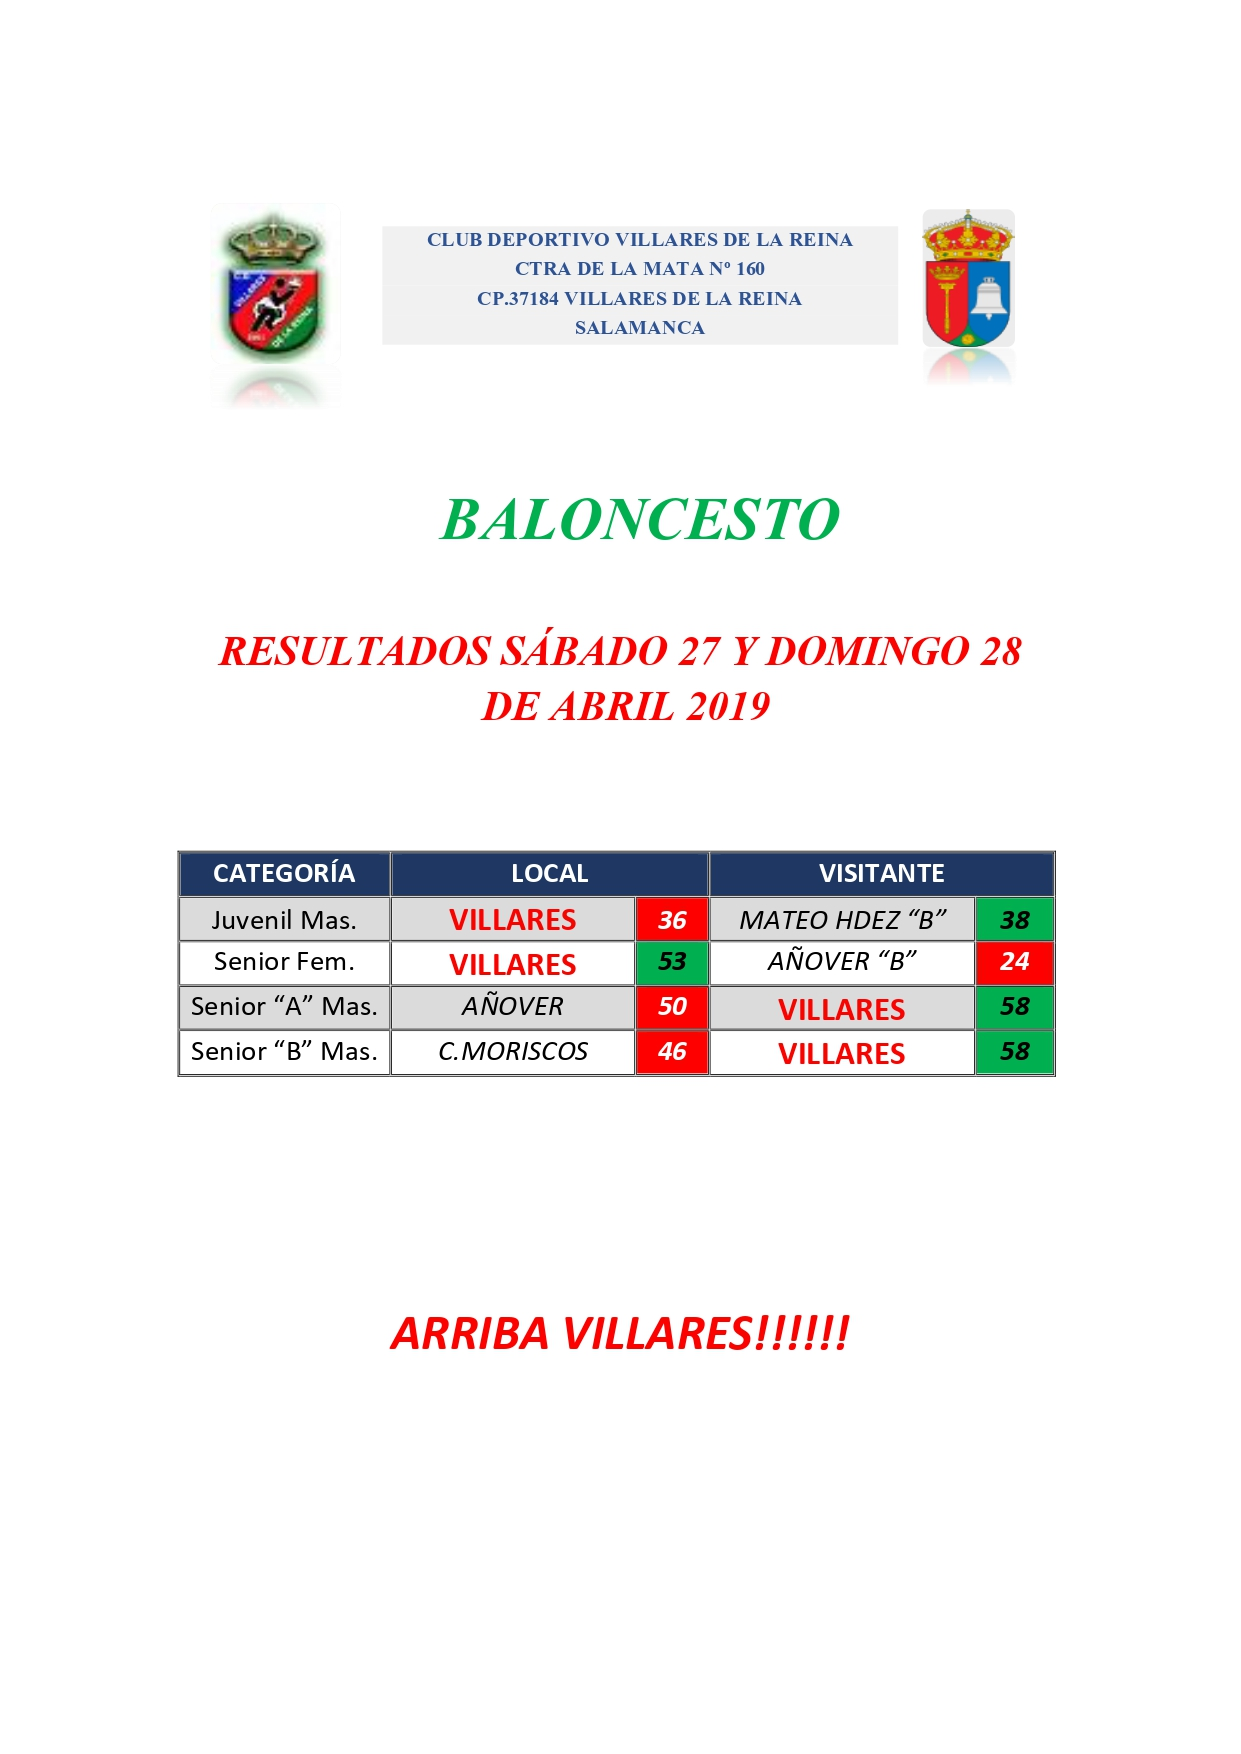 RESULTADOS DE BALONCESTO S�BADO 27 Y DOMINGO 28 DE ABRIL